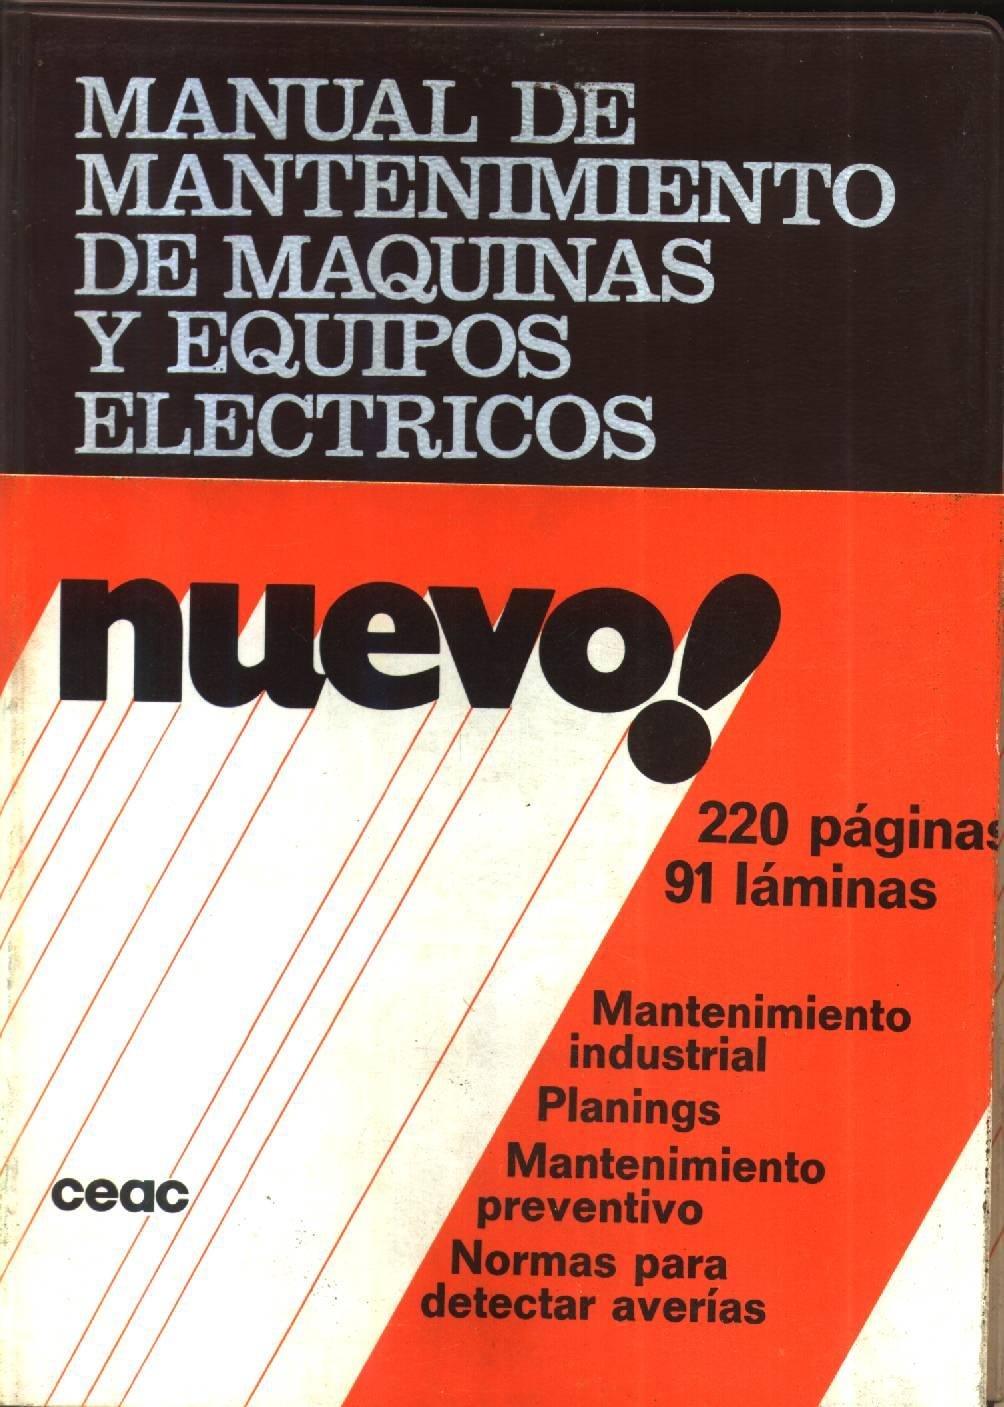 Manual de mantenimiento de maquinas y equipos electricos: Amazon.es: Francisco Rey Sacristan: Libros